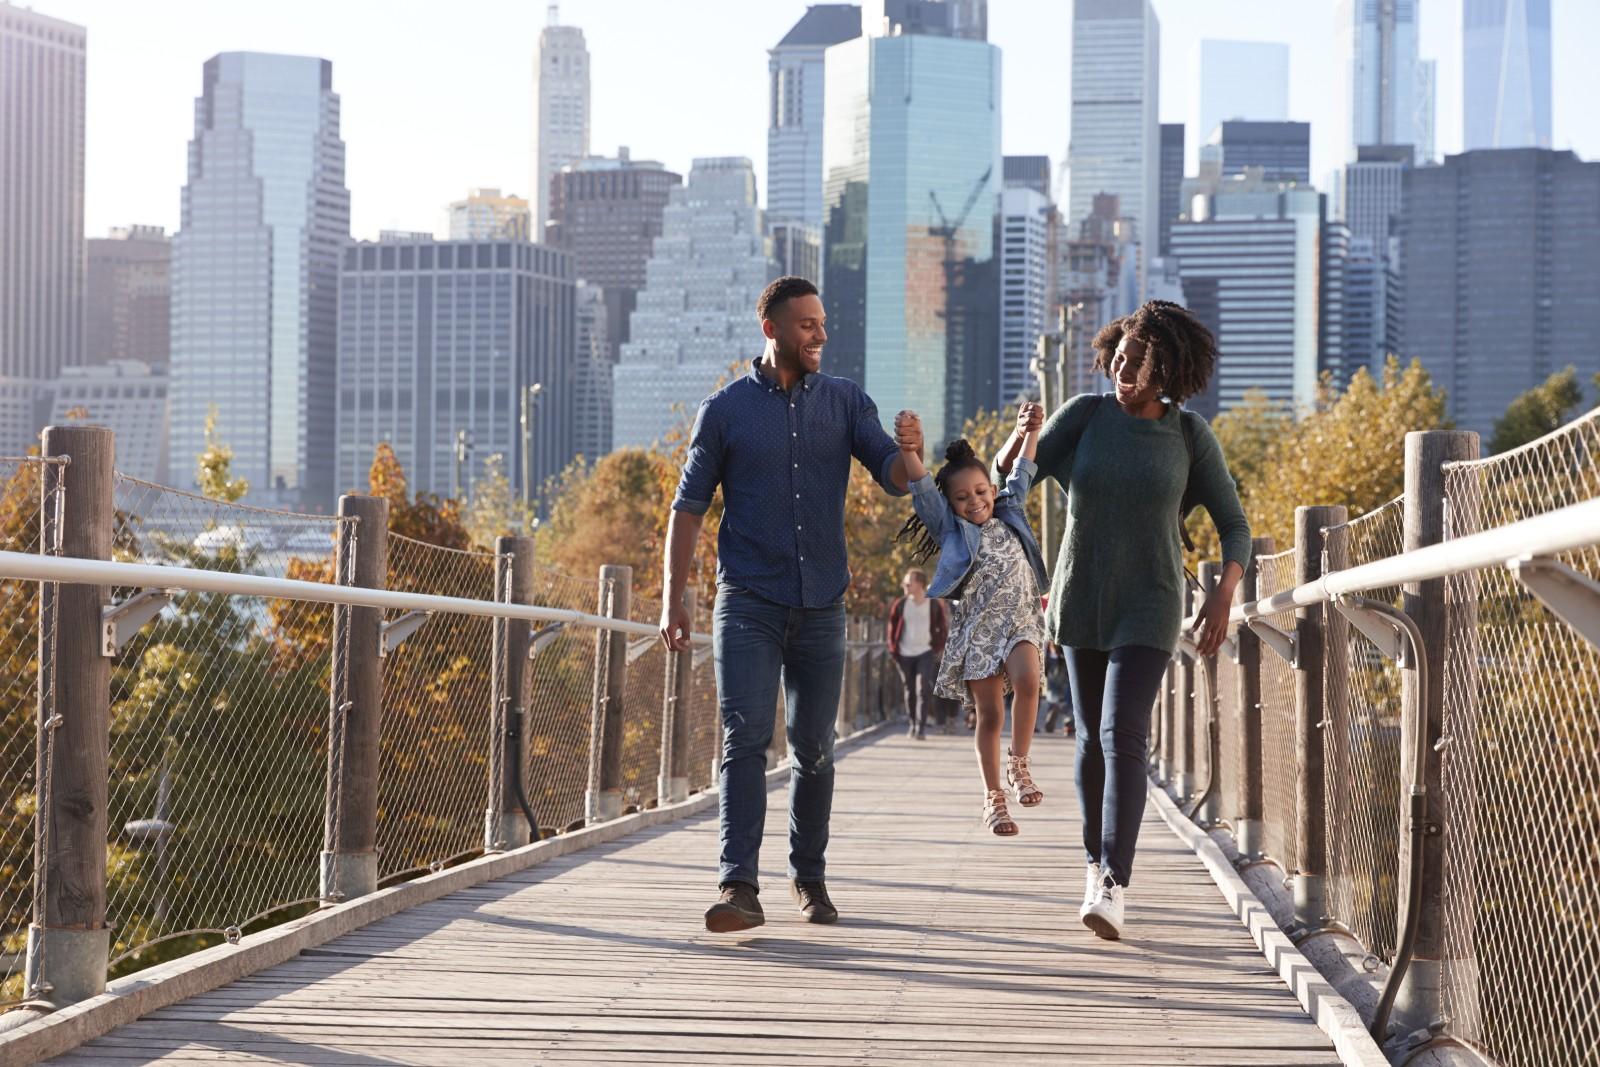 Es lohnt sich, New York nicht nur zu konsumieren, sondern wirklich auf sich wirken zu lassen. Und das geht am besten bei einem gemütlichen Spaziergang.